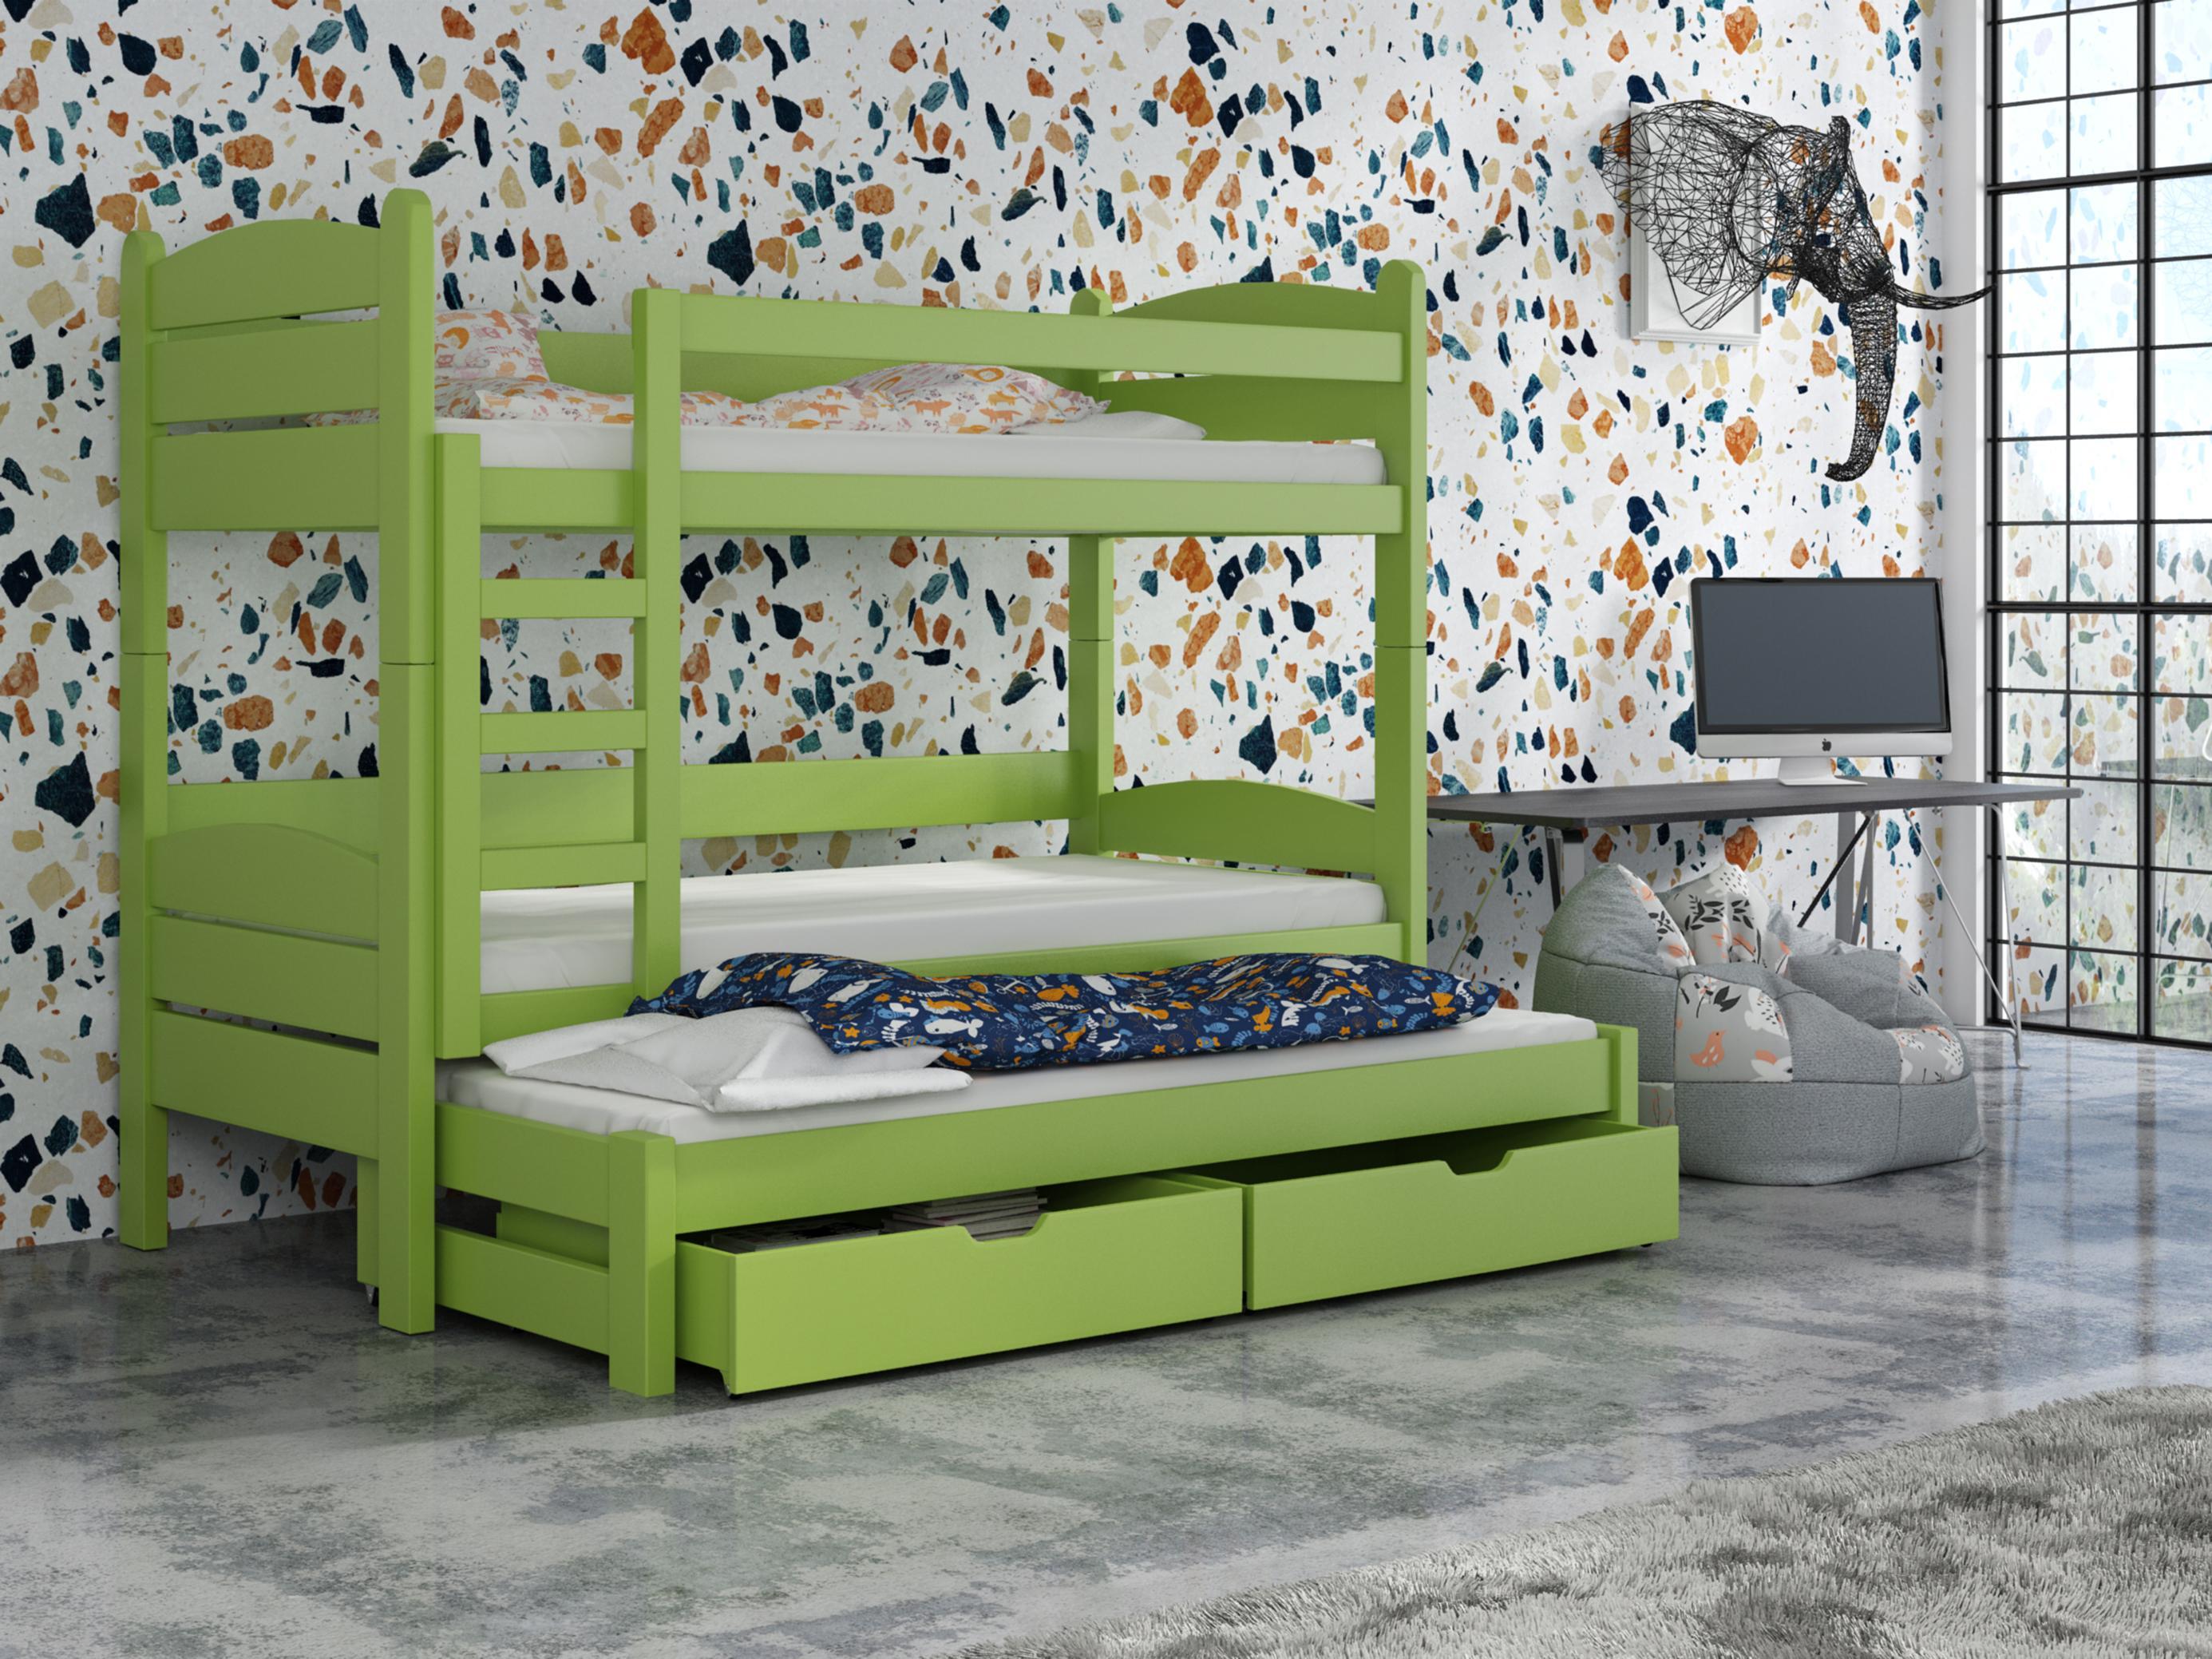 Detská poschodová posteľ 90 cm - Celsa (zelená). Akcia -33%. Vlastná spoľahlivá doprava až k Vám domov.